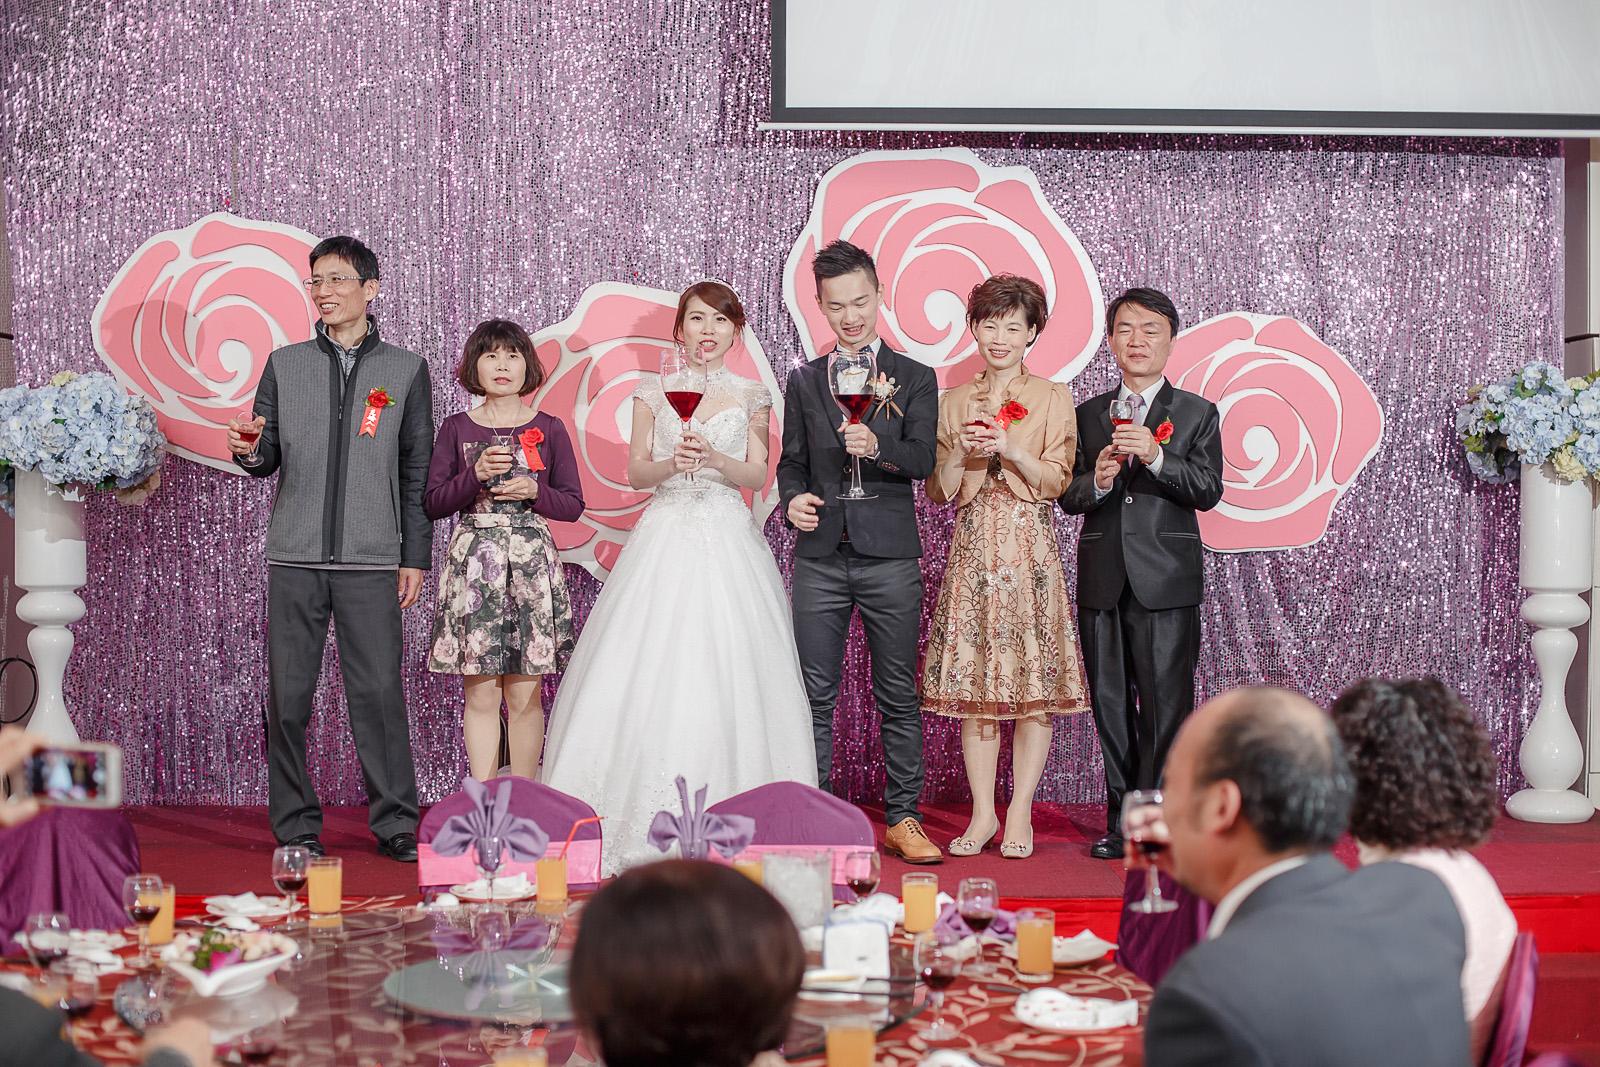 高雄圓山飯店,婚禮攝影,婚攝,高雄婚攝,優質婚攝推薦,Jen&Ethan-260